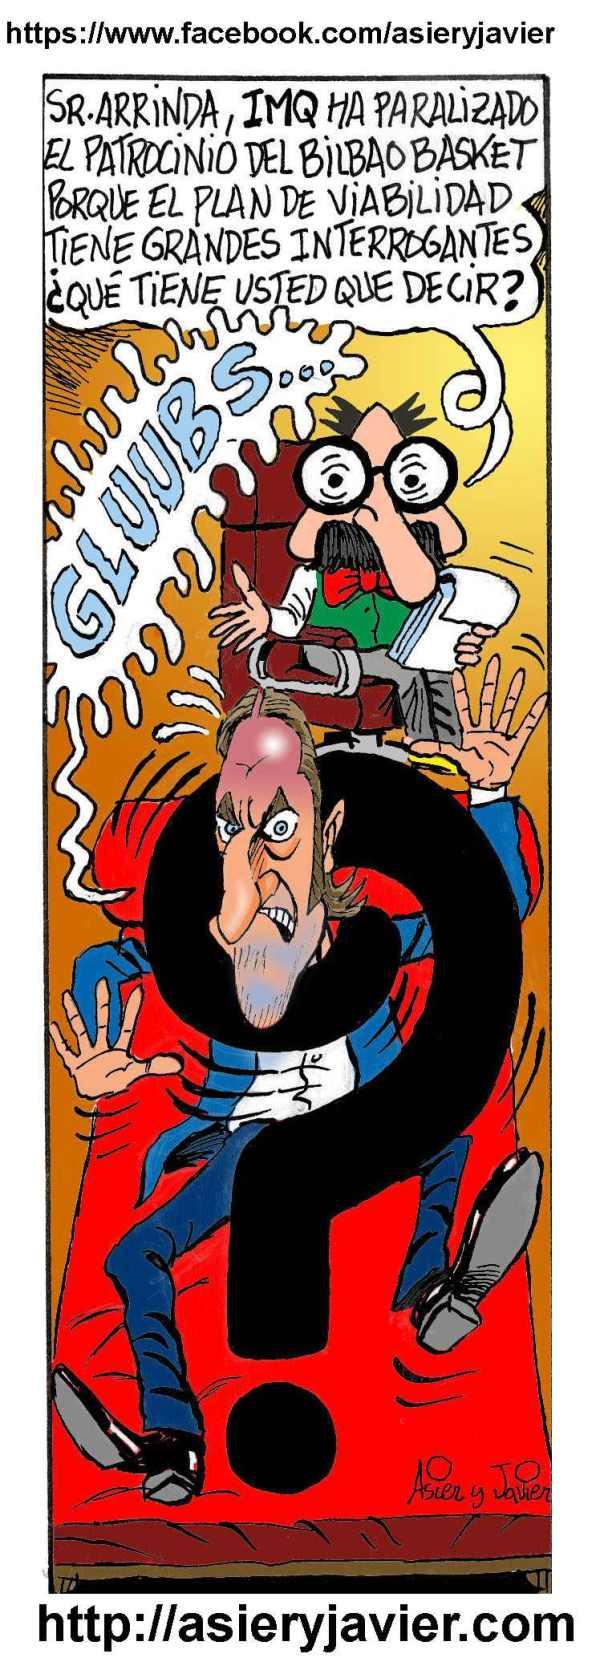 Las interrogantes empeizan a acosar a Gorka Arrinda por su gestión al frente de Bilbao Basket